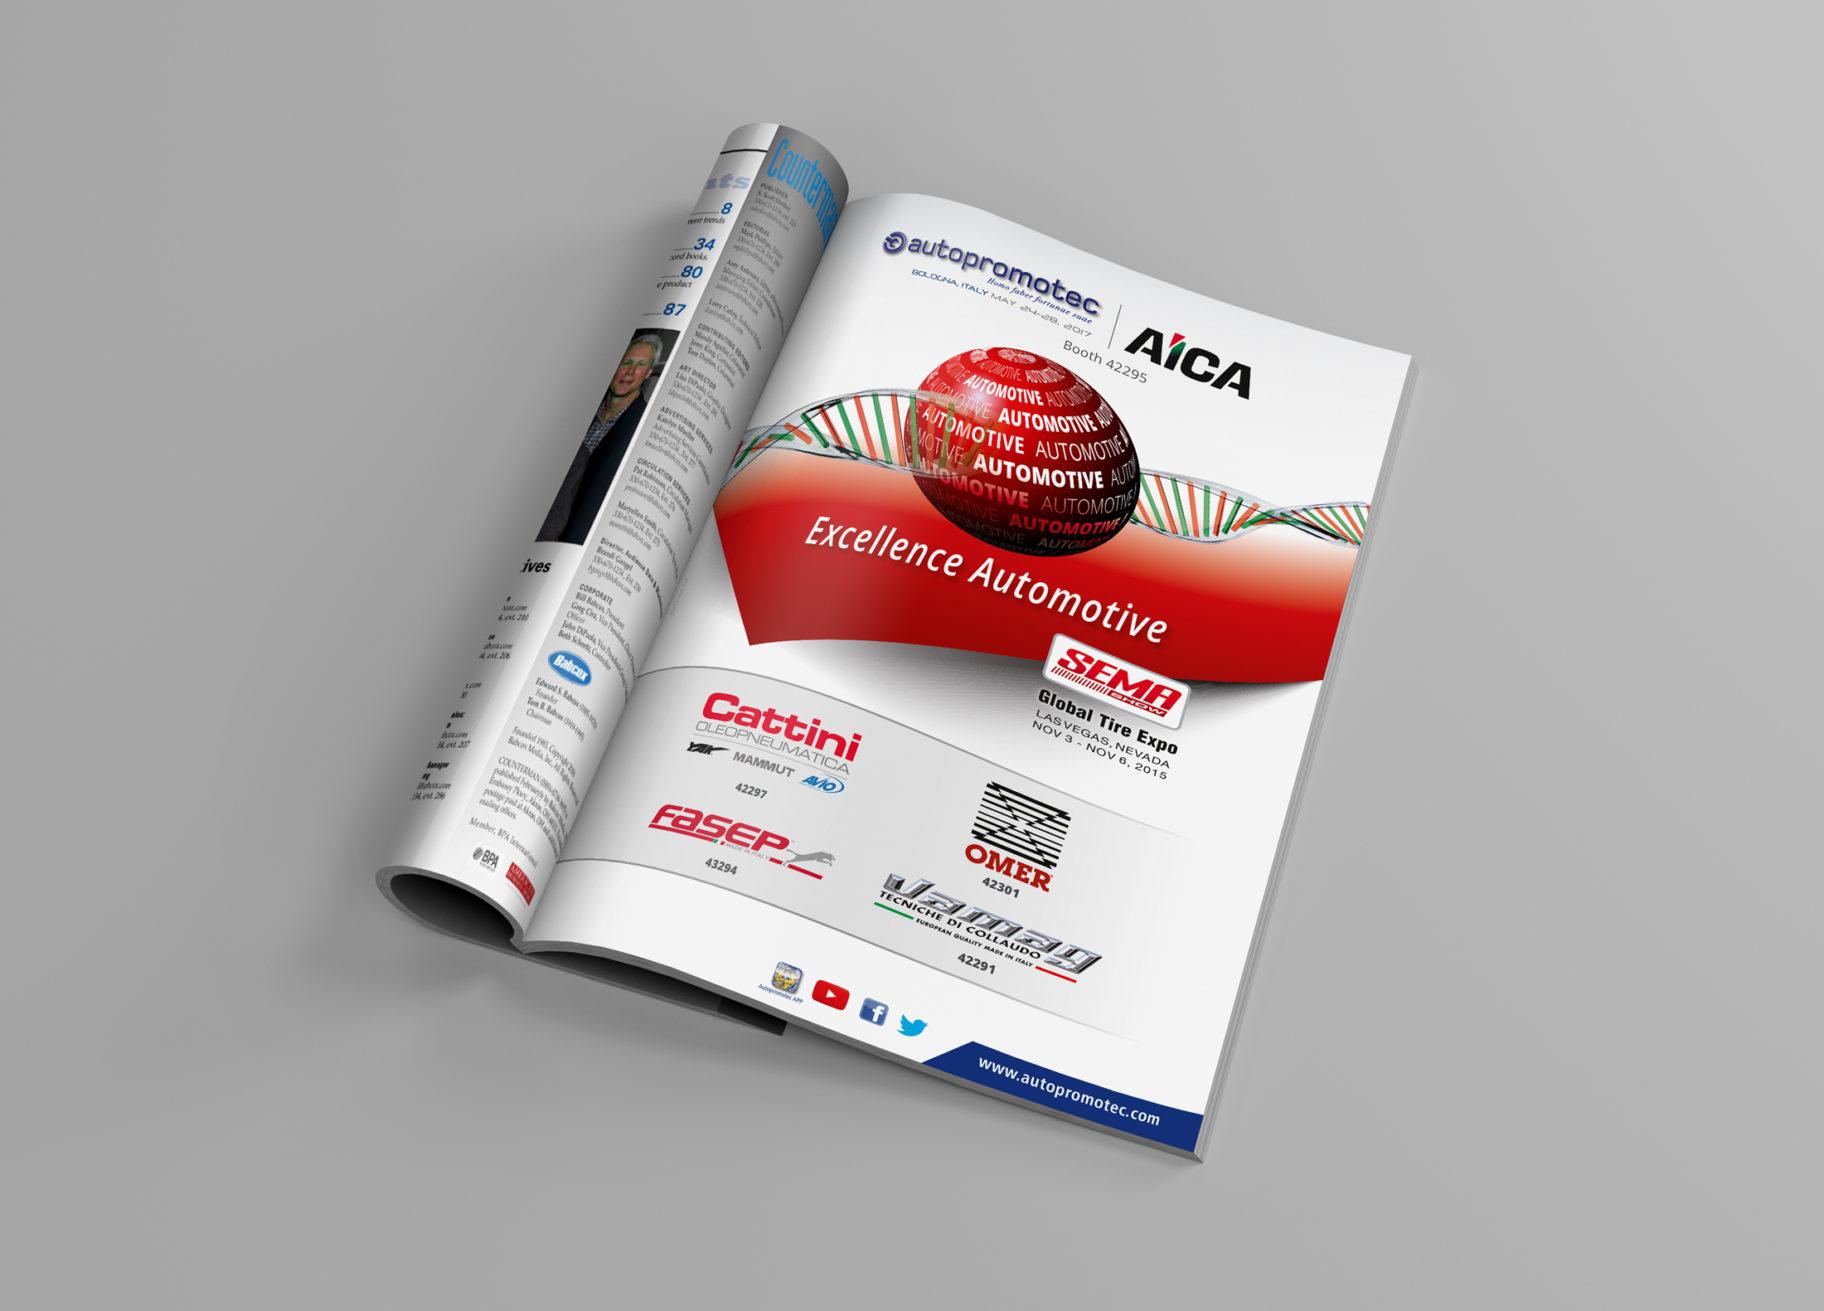 DNA-AUTOMOTIVE-madeinitaly-2015_pagina pubblicitaria